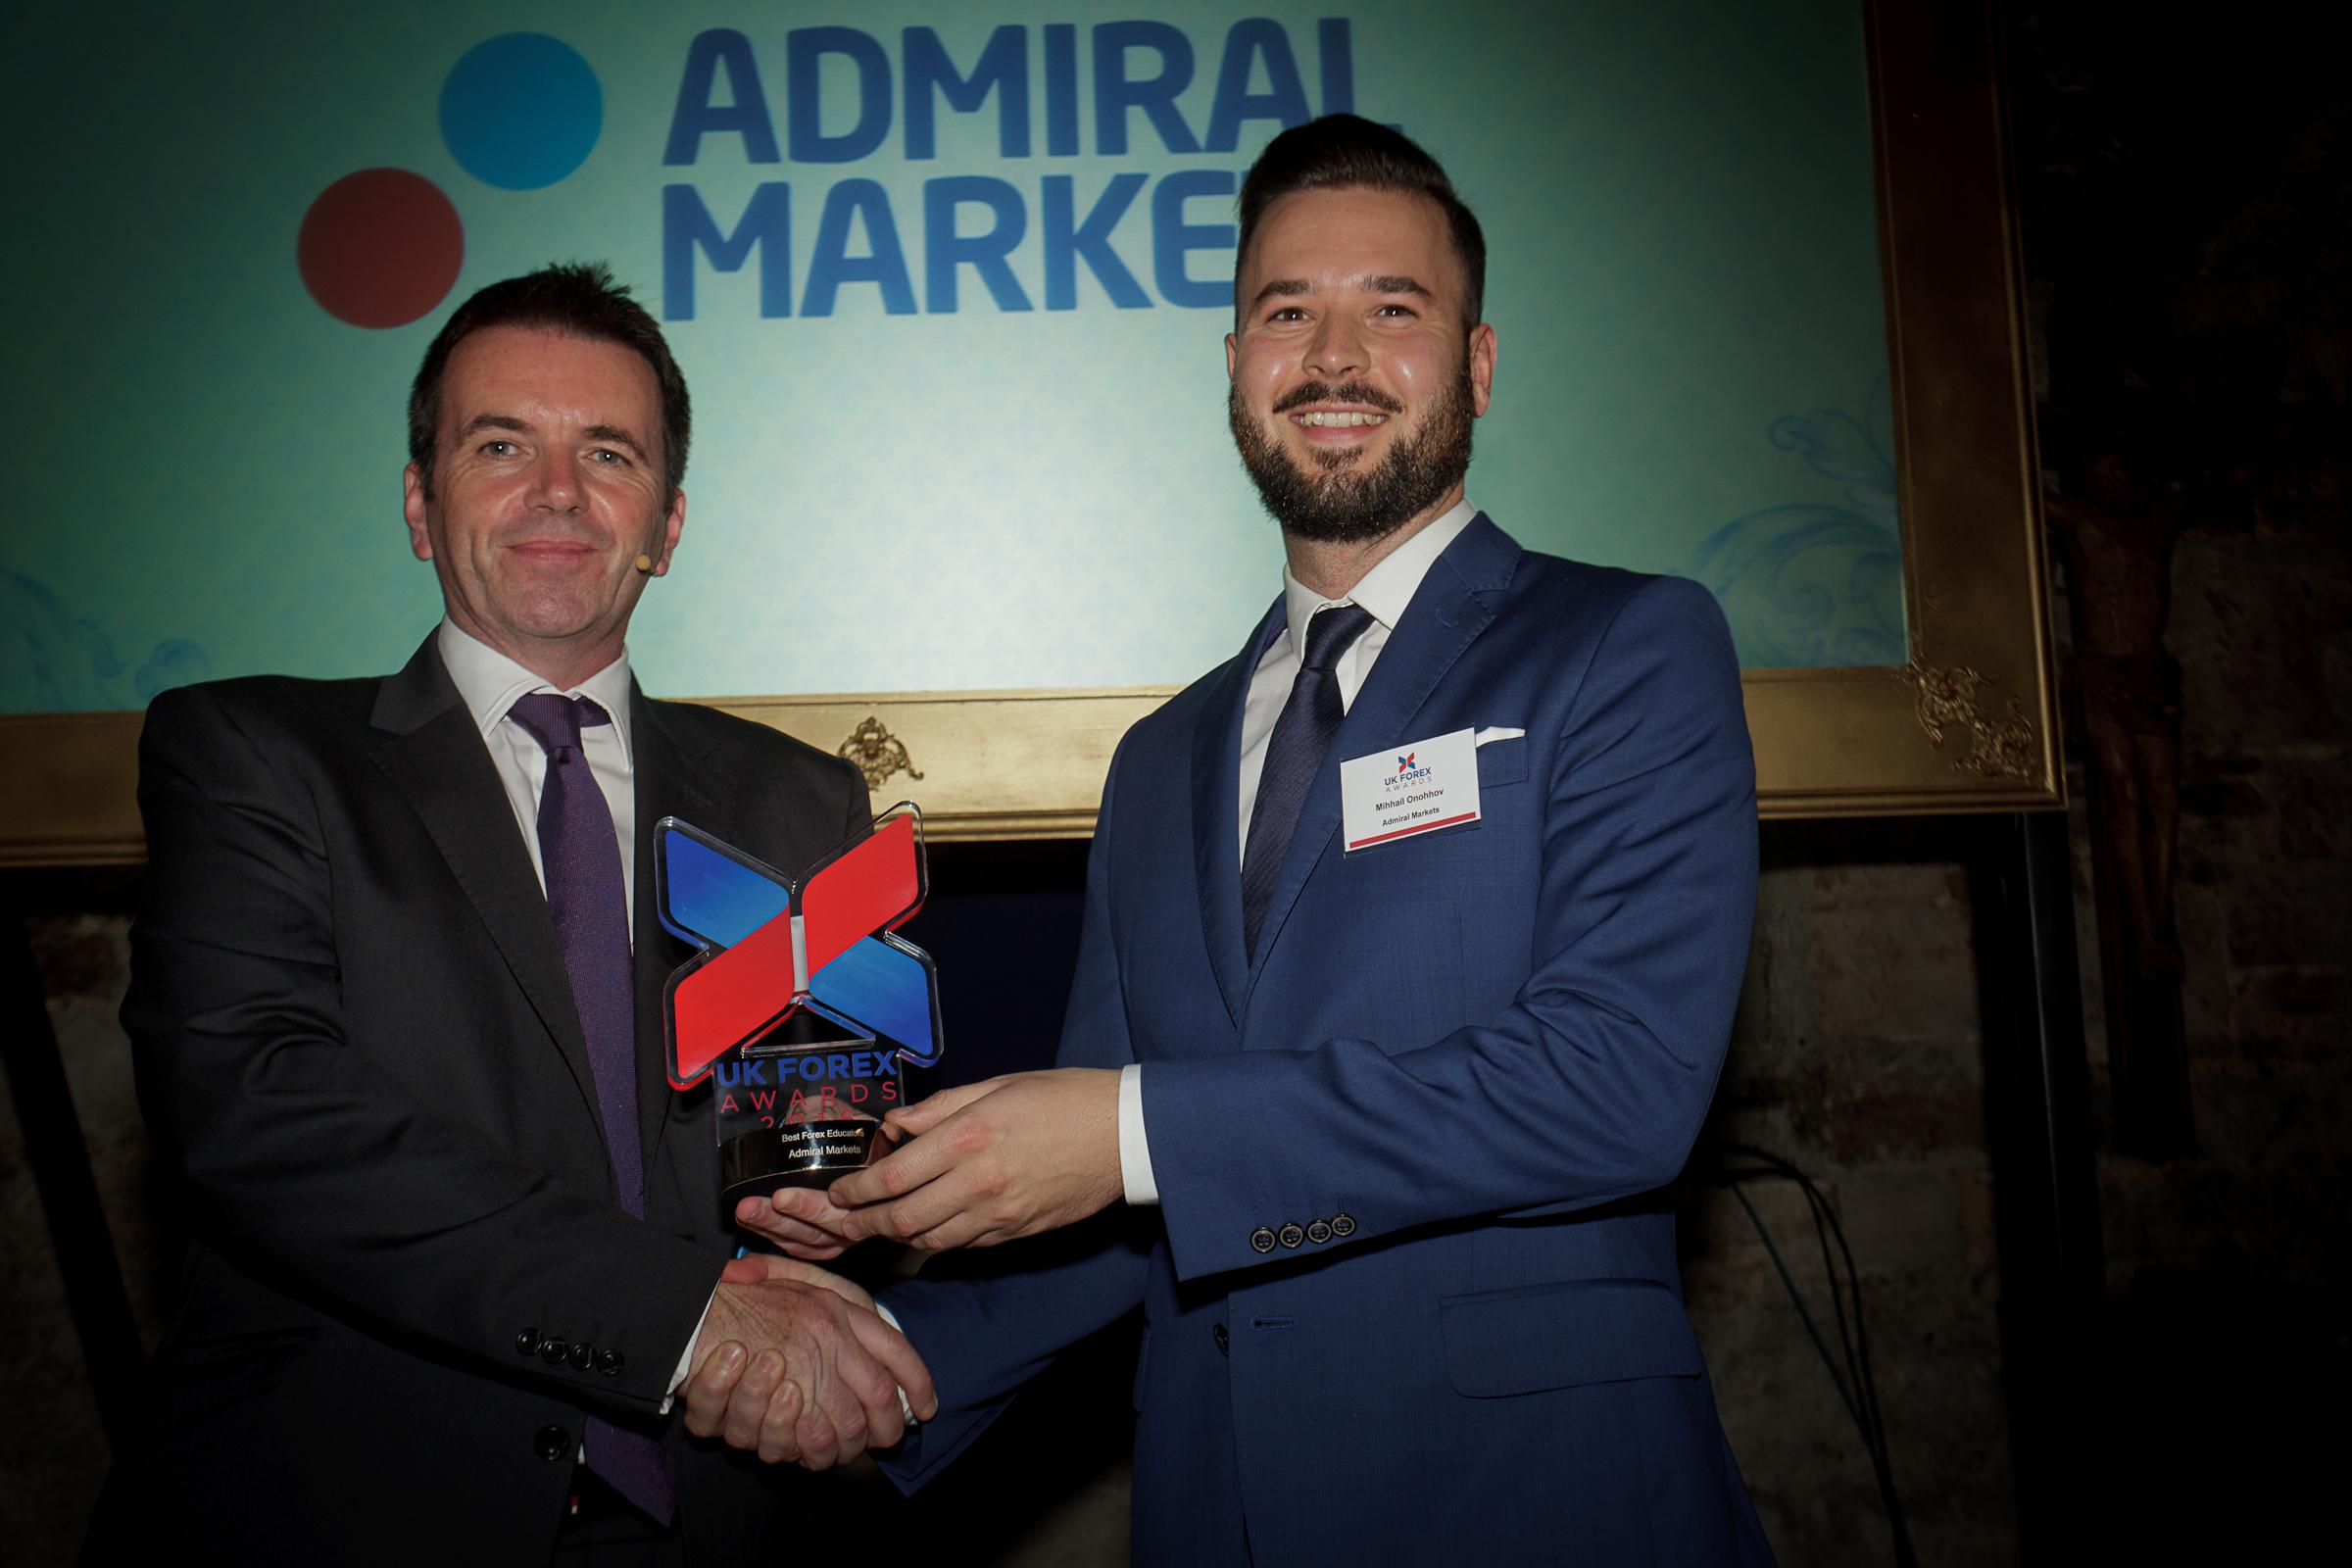 Admiral markets forex arnaque